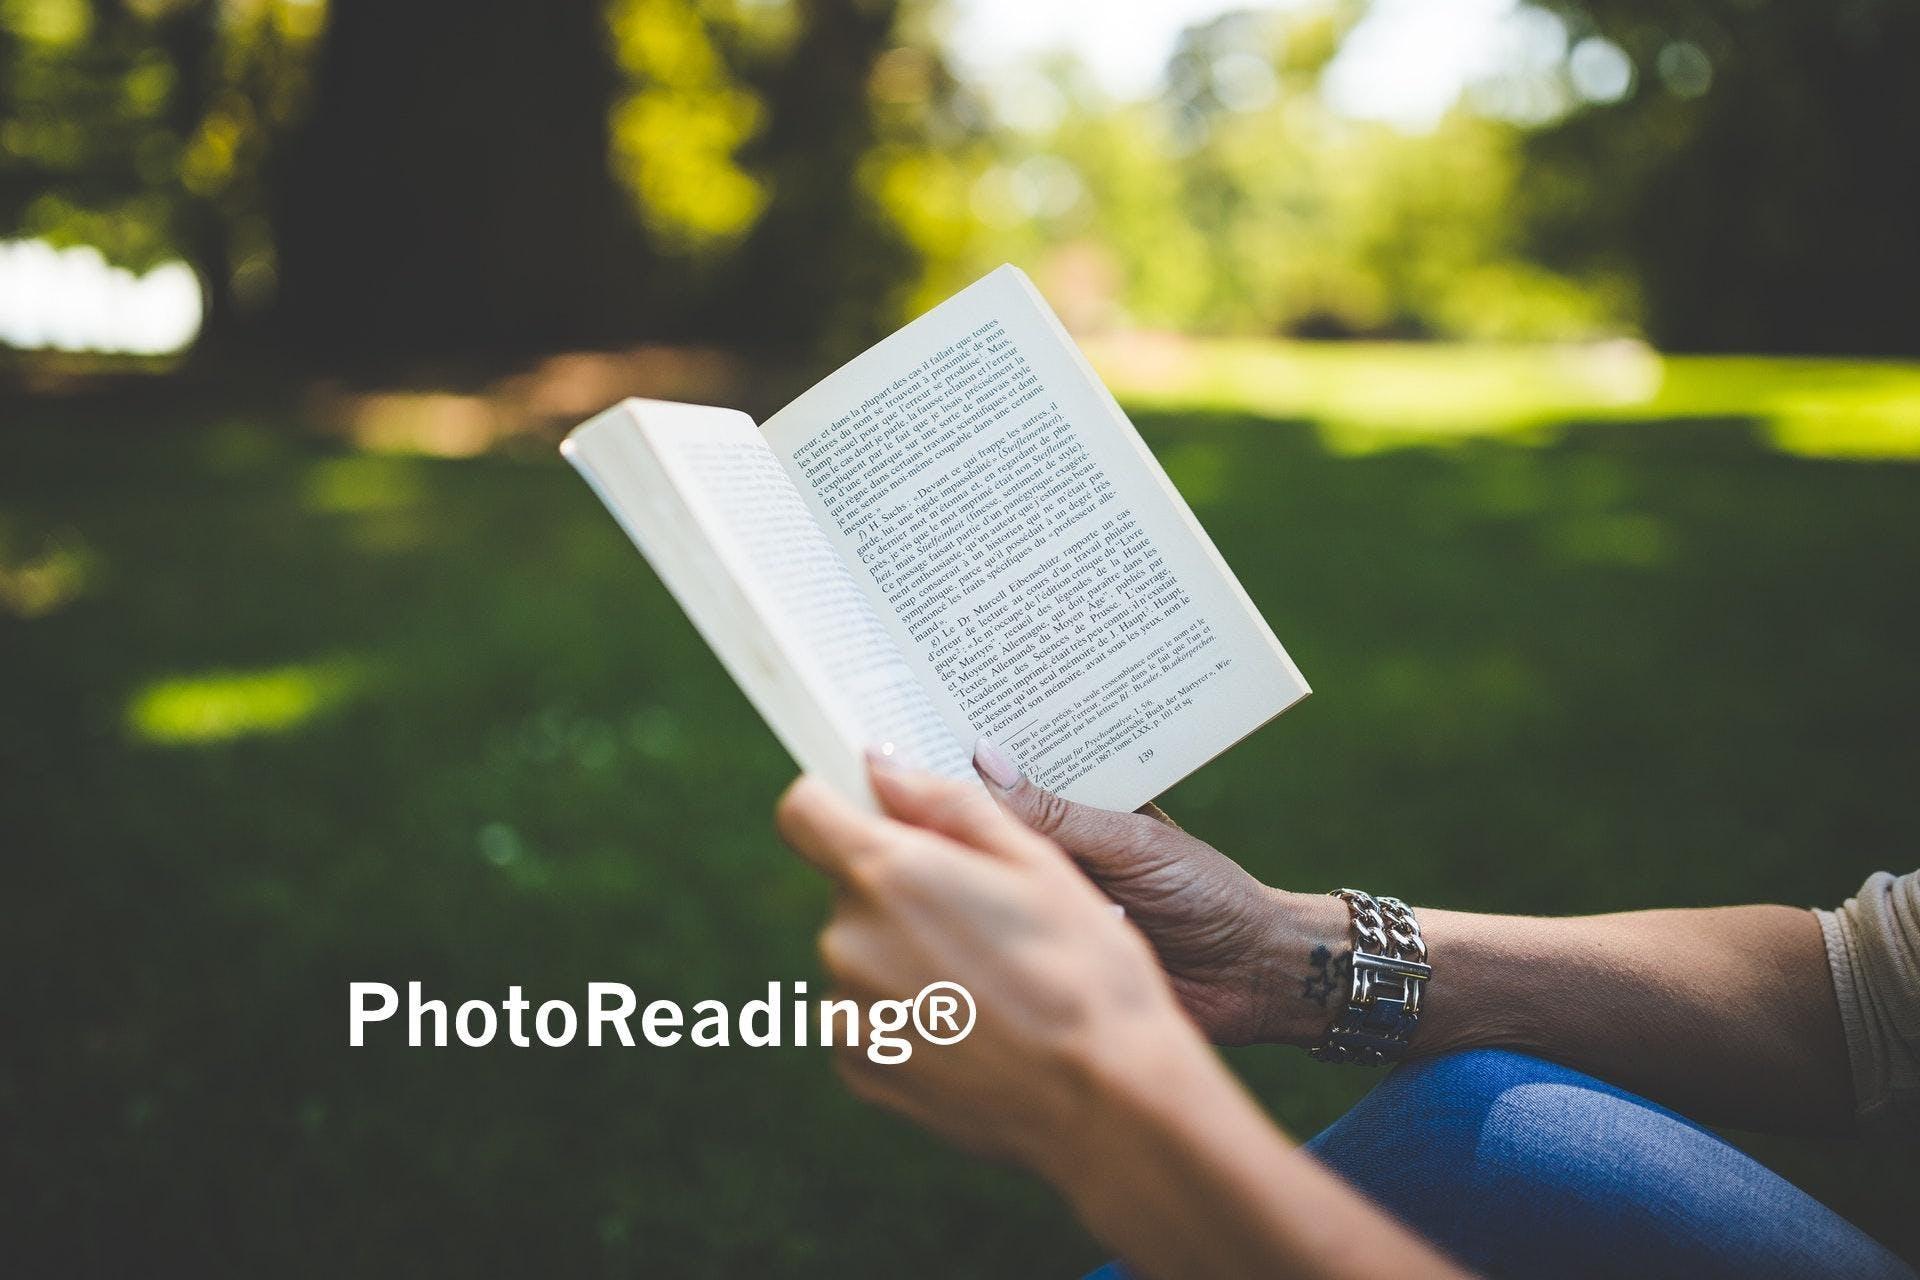 Serata gratuita sul PhotoReading®: perchè e c